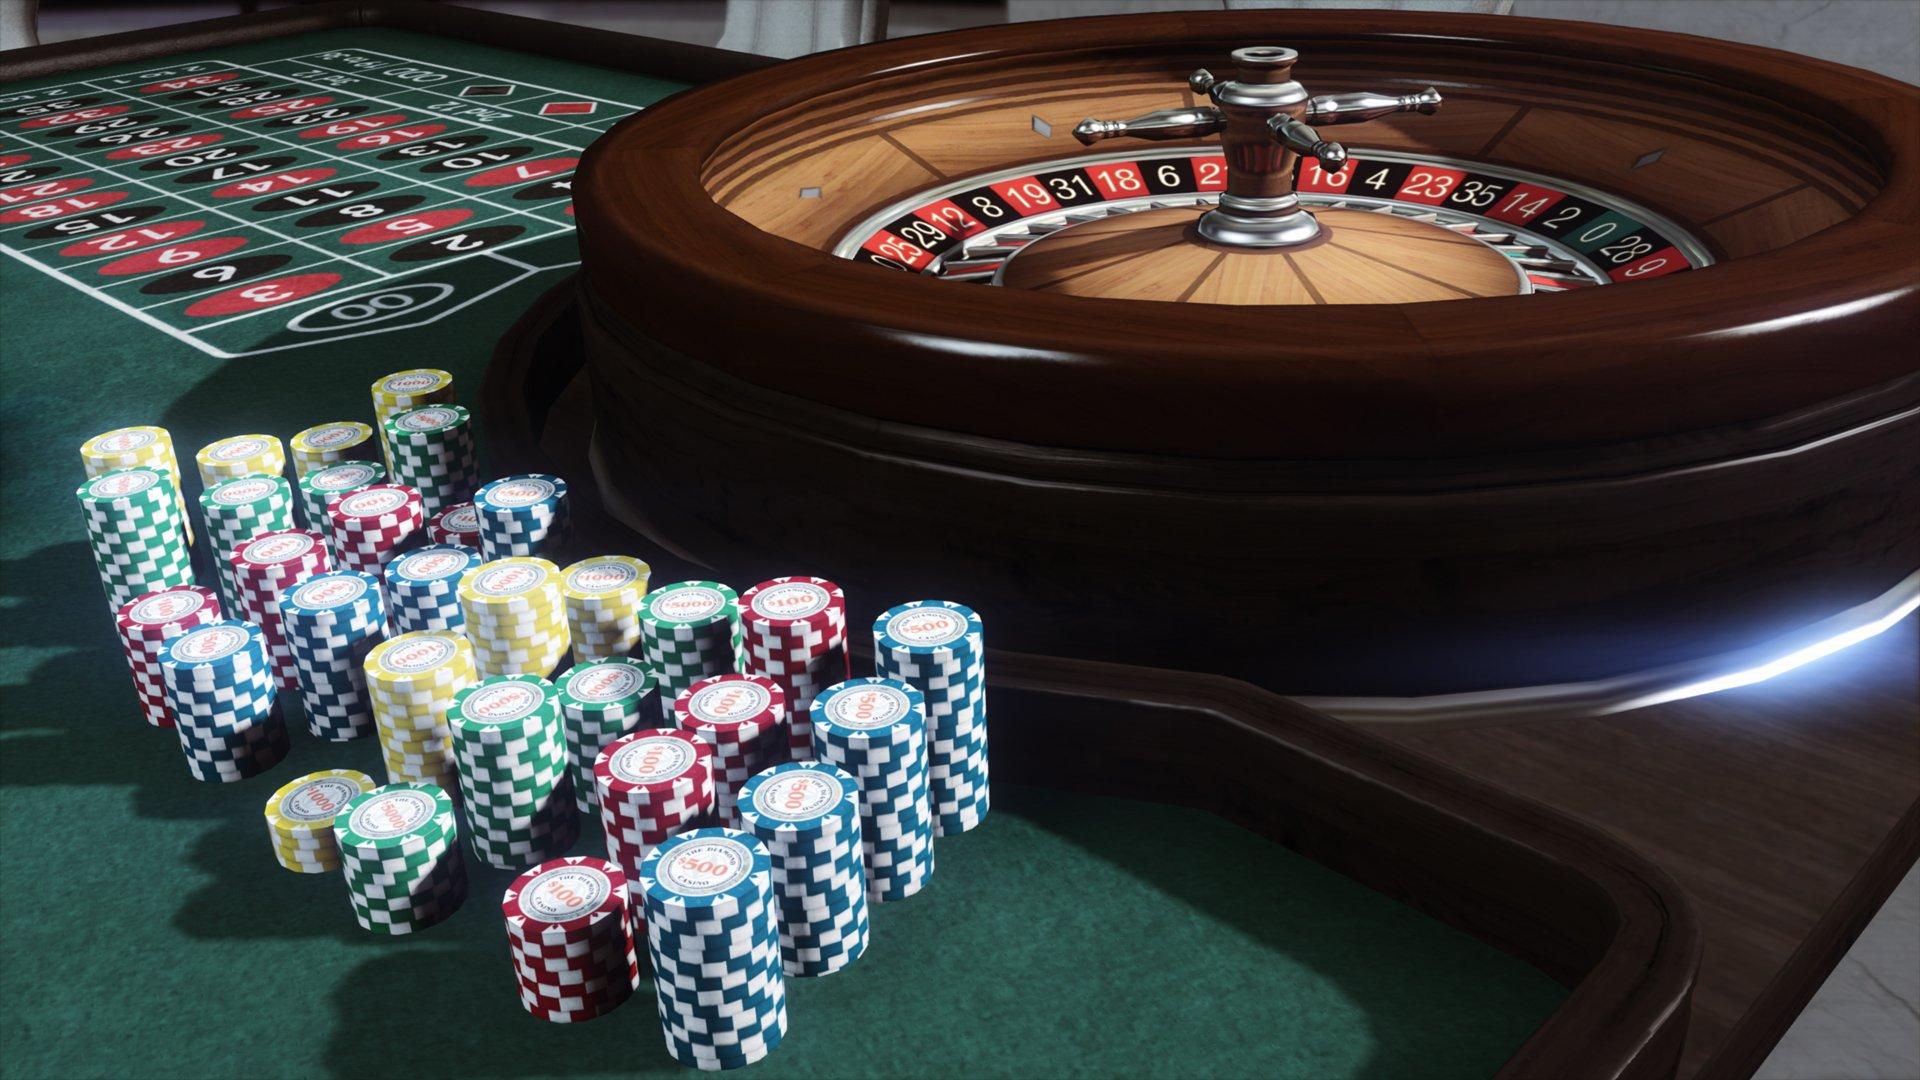 Шведские онлайн-казино временно закроются из-за пандемии коронавируса